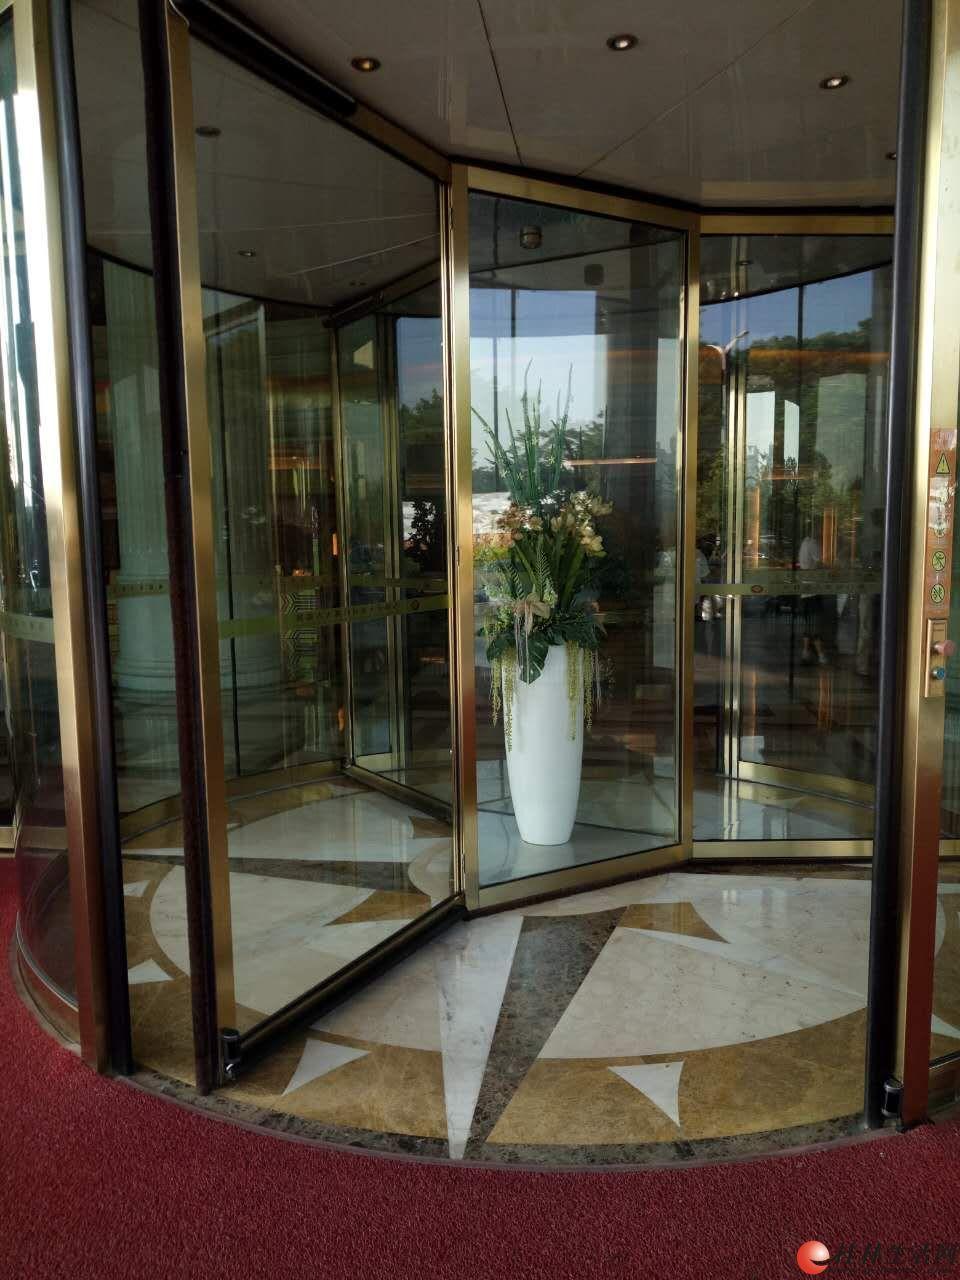 专业电动三翼旋转门设计安装、维护保养、销售!免费技术咨询